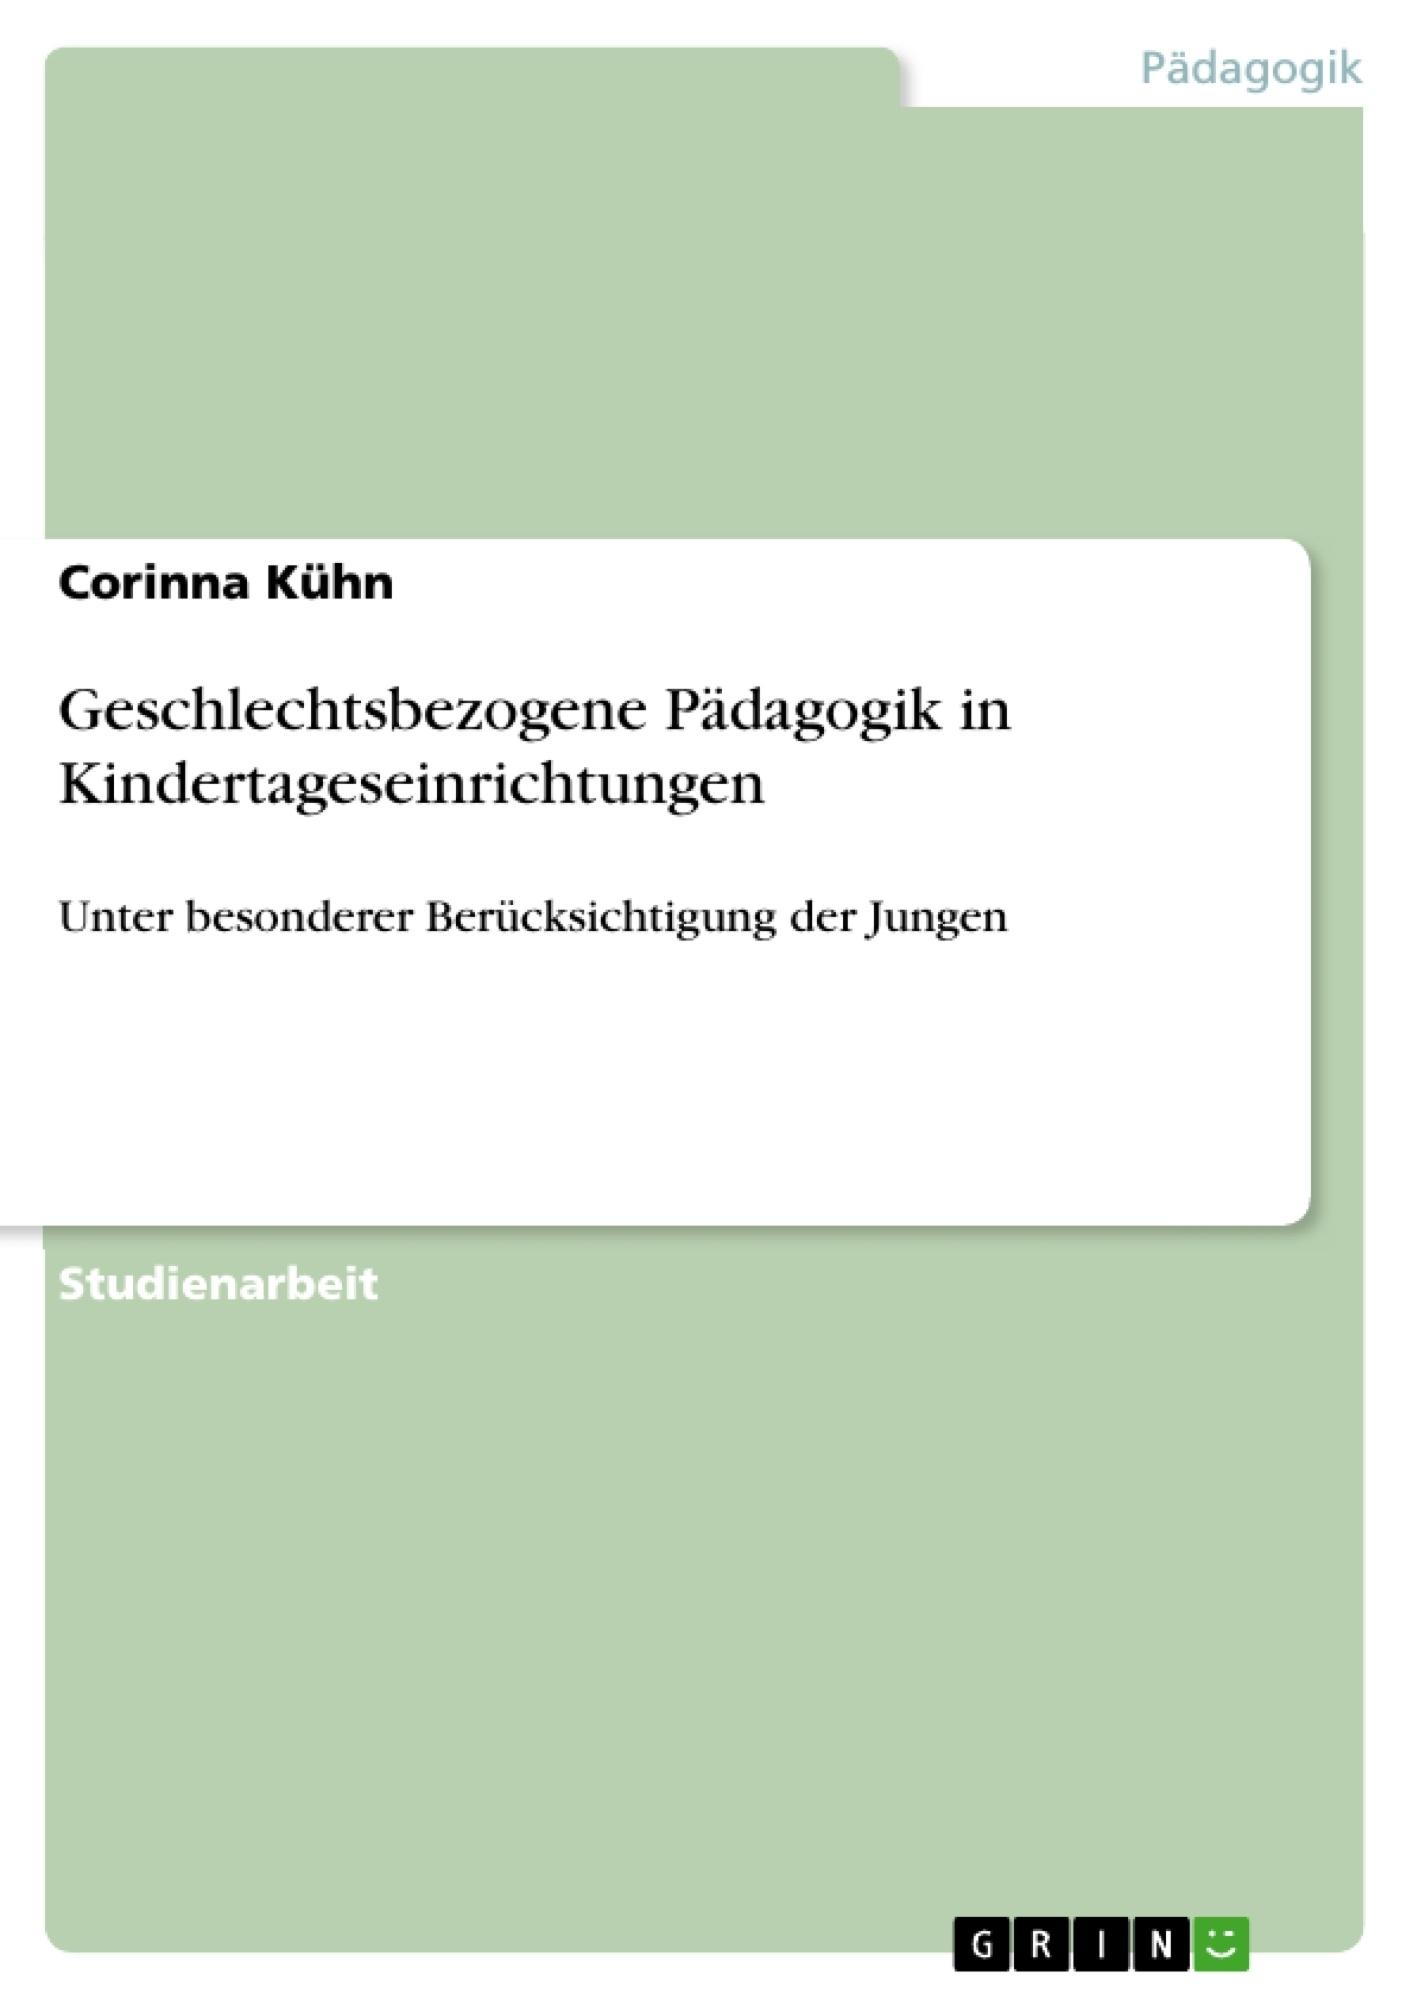 Titel: Geschlechtsbezogene Pädagogik in Kindertageseinrichtungen